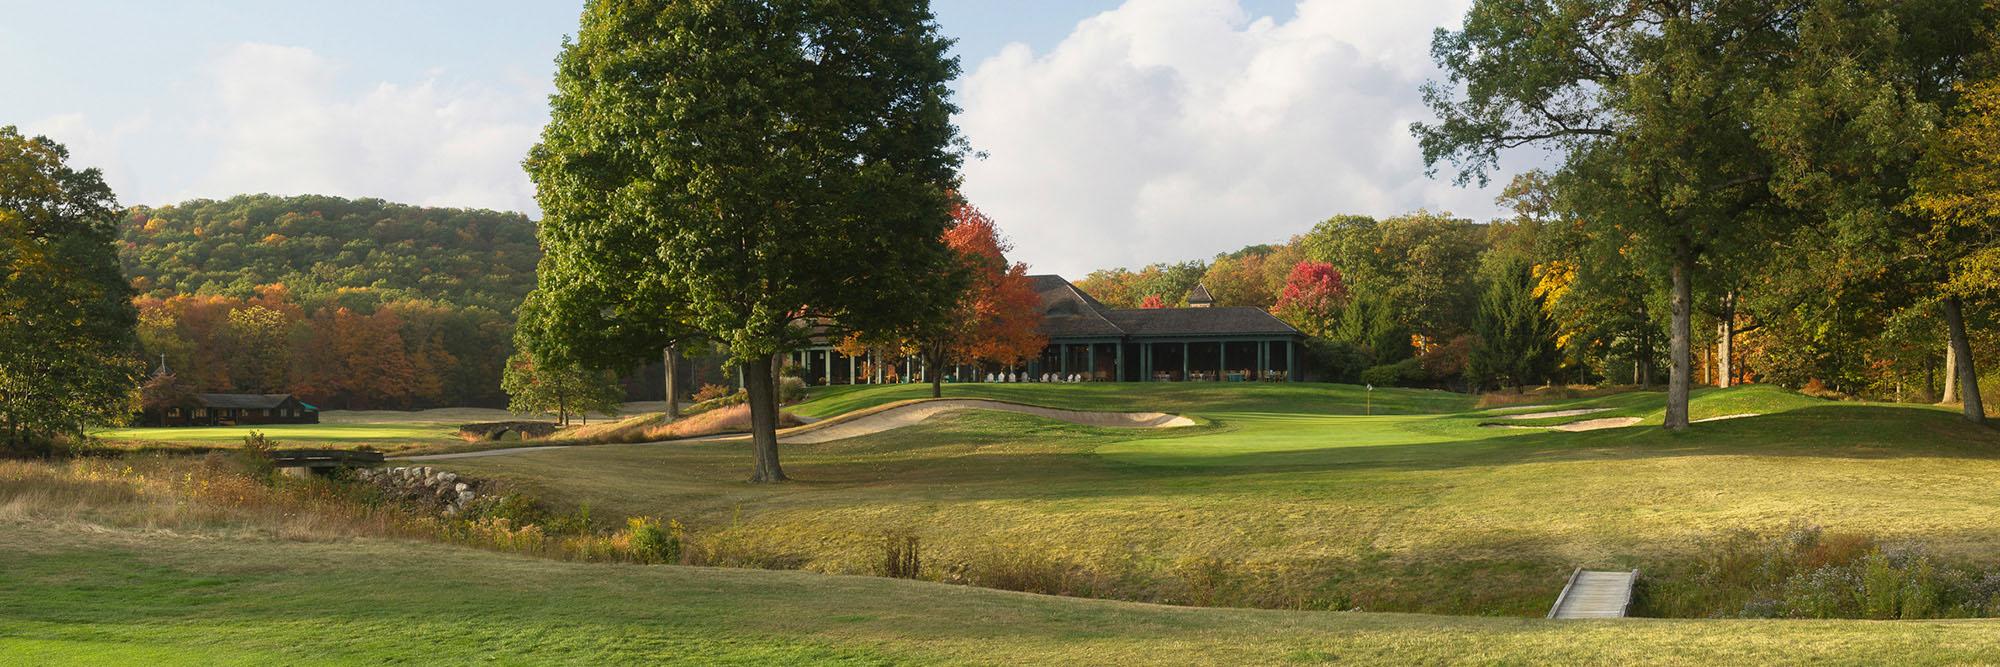 Golf Course Image - The Tuxedo Club No. 18